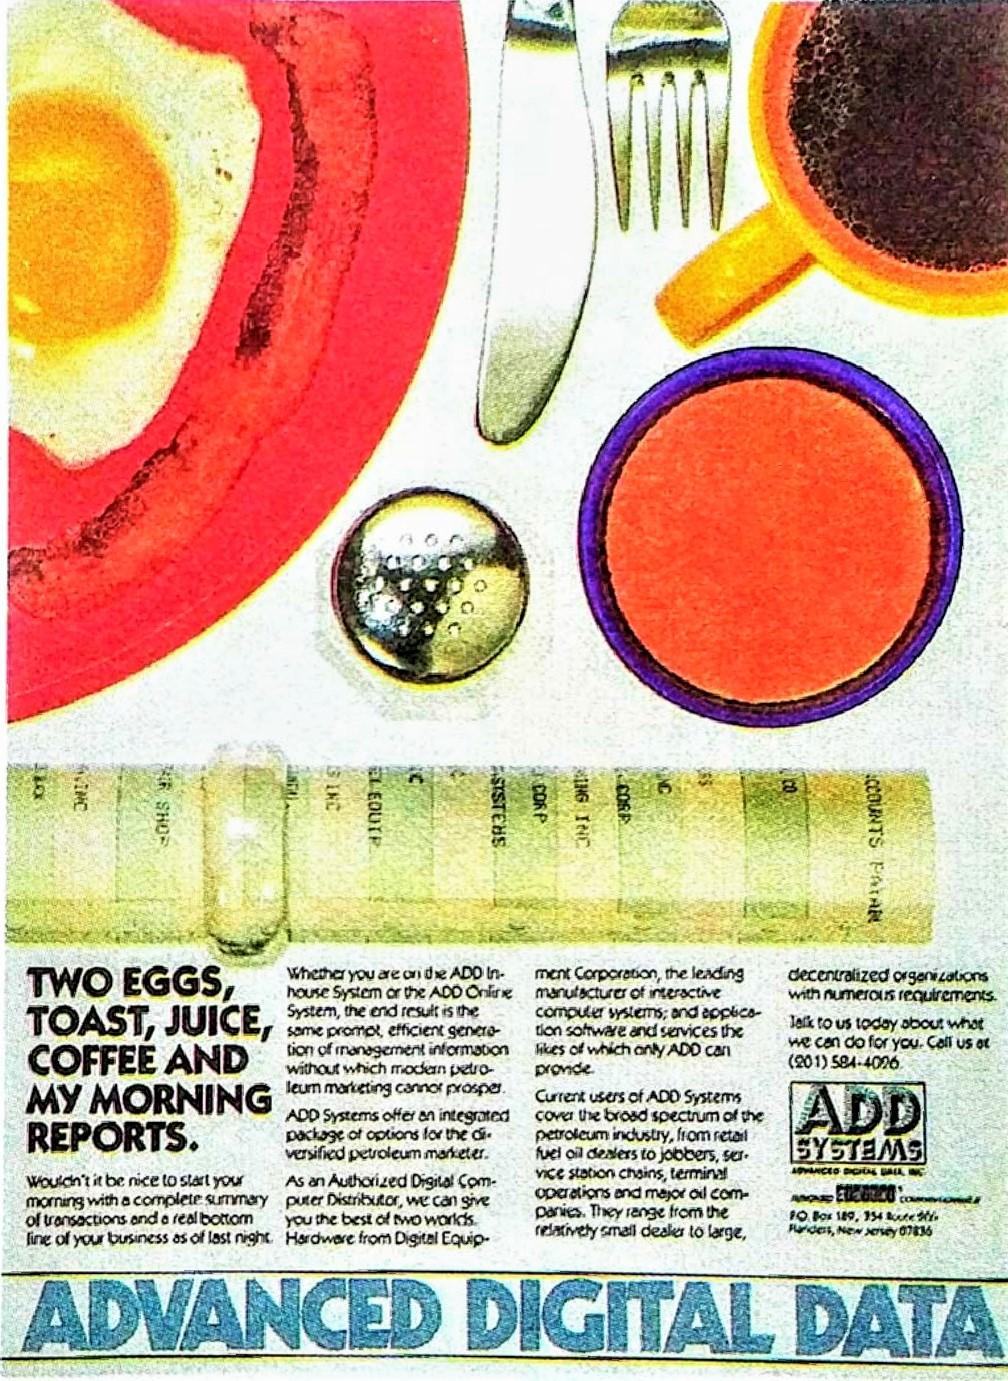 advanced digital_breakfast_ad_2